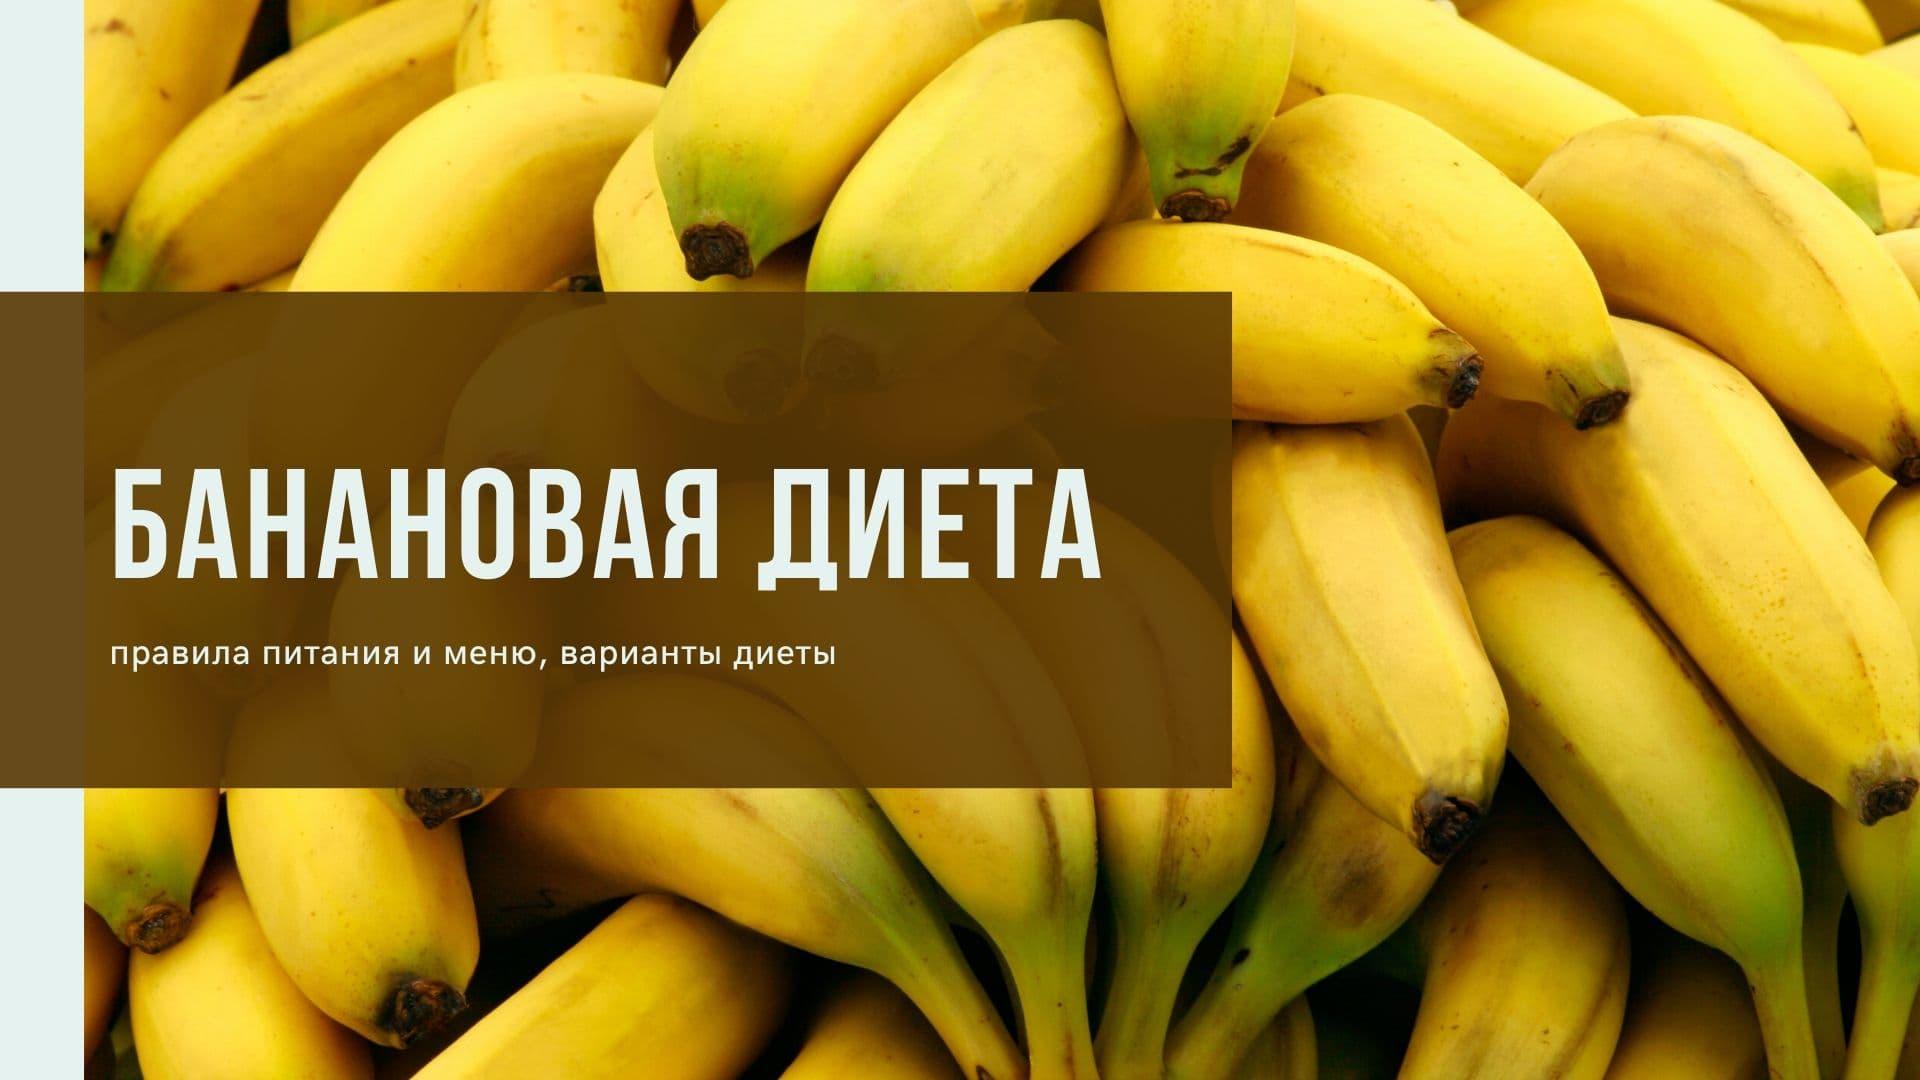 Банановая диета: правила питания и меню, варианты диеты